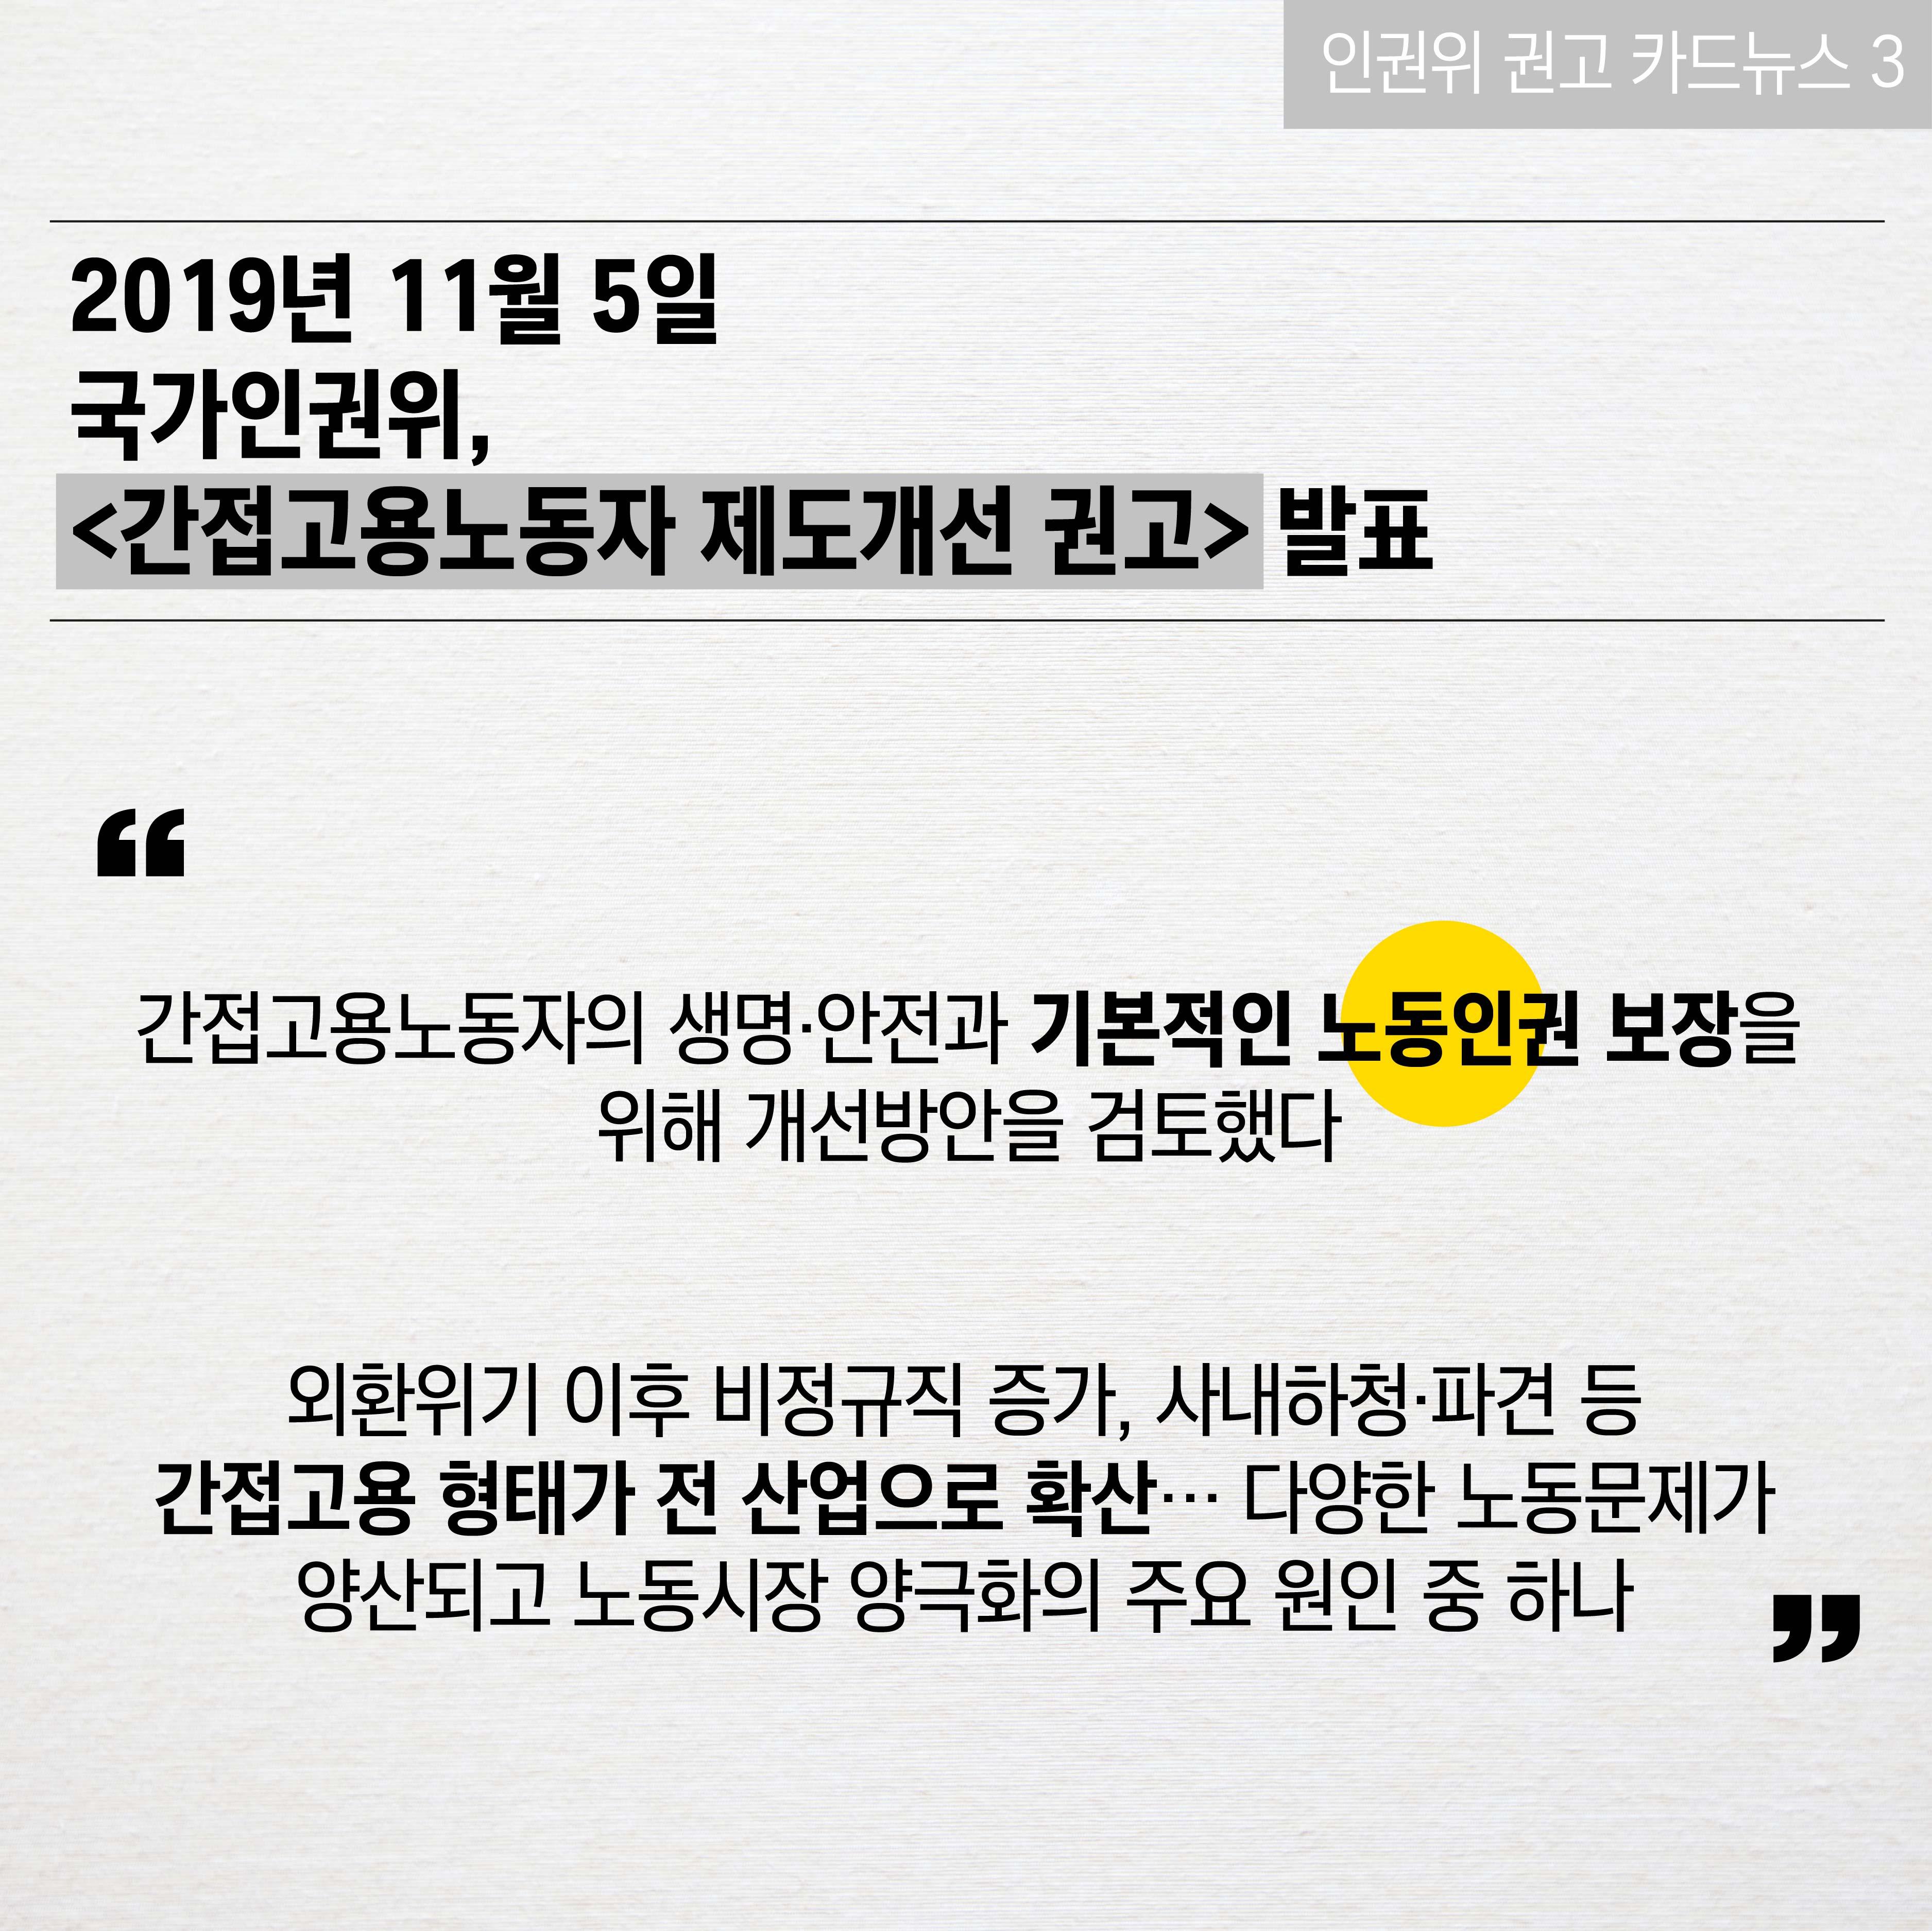 인권위권고카드뉴스-03.jpg